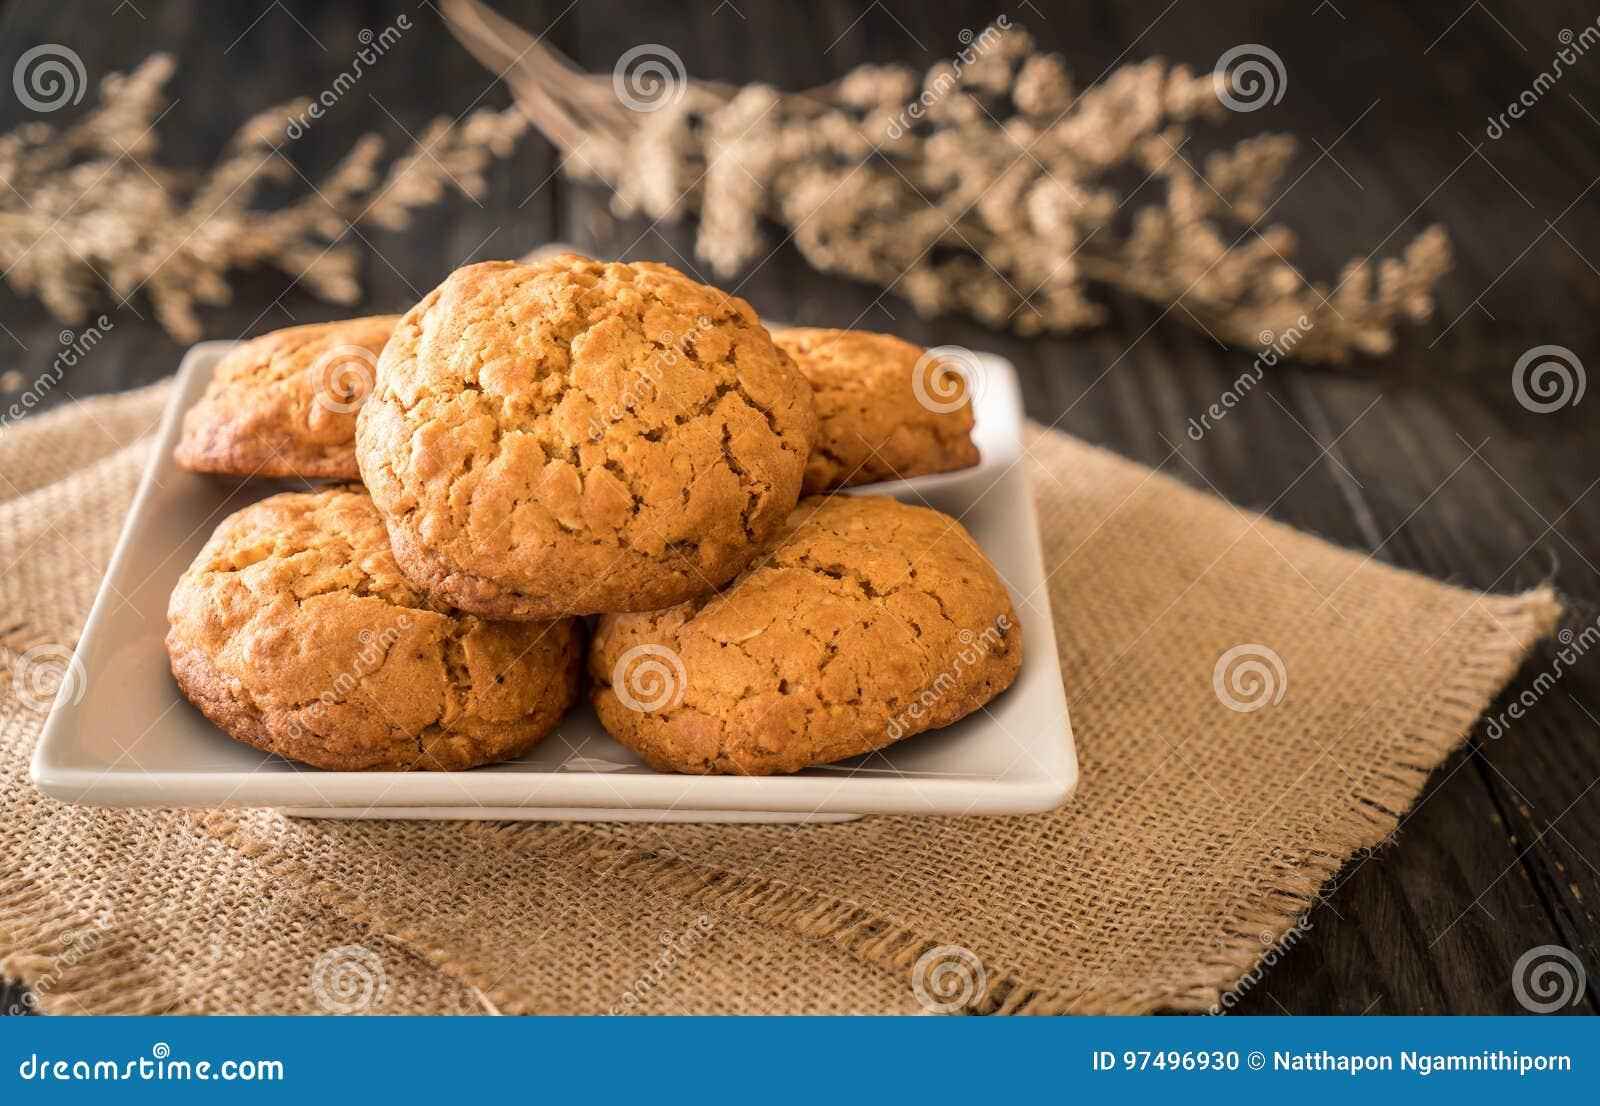 Biscotti di uva passa della farina d avena su legno